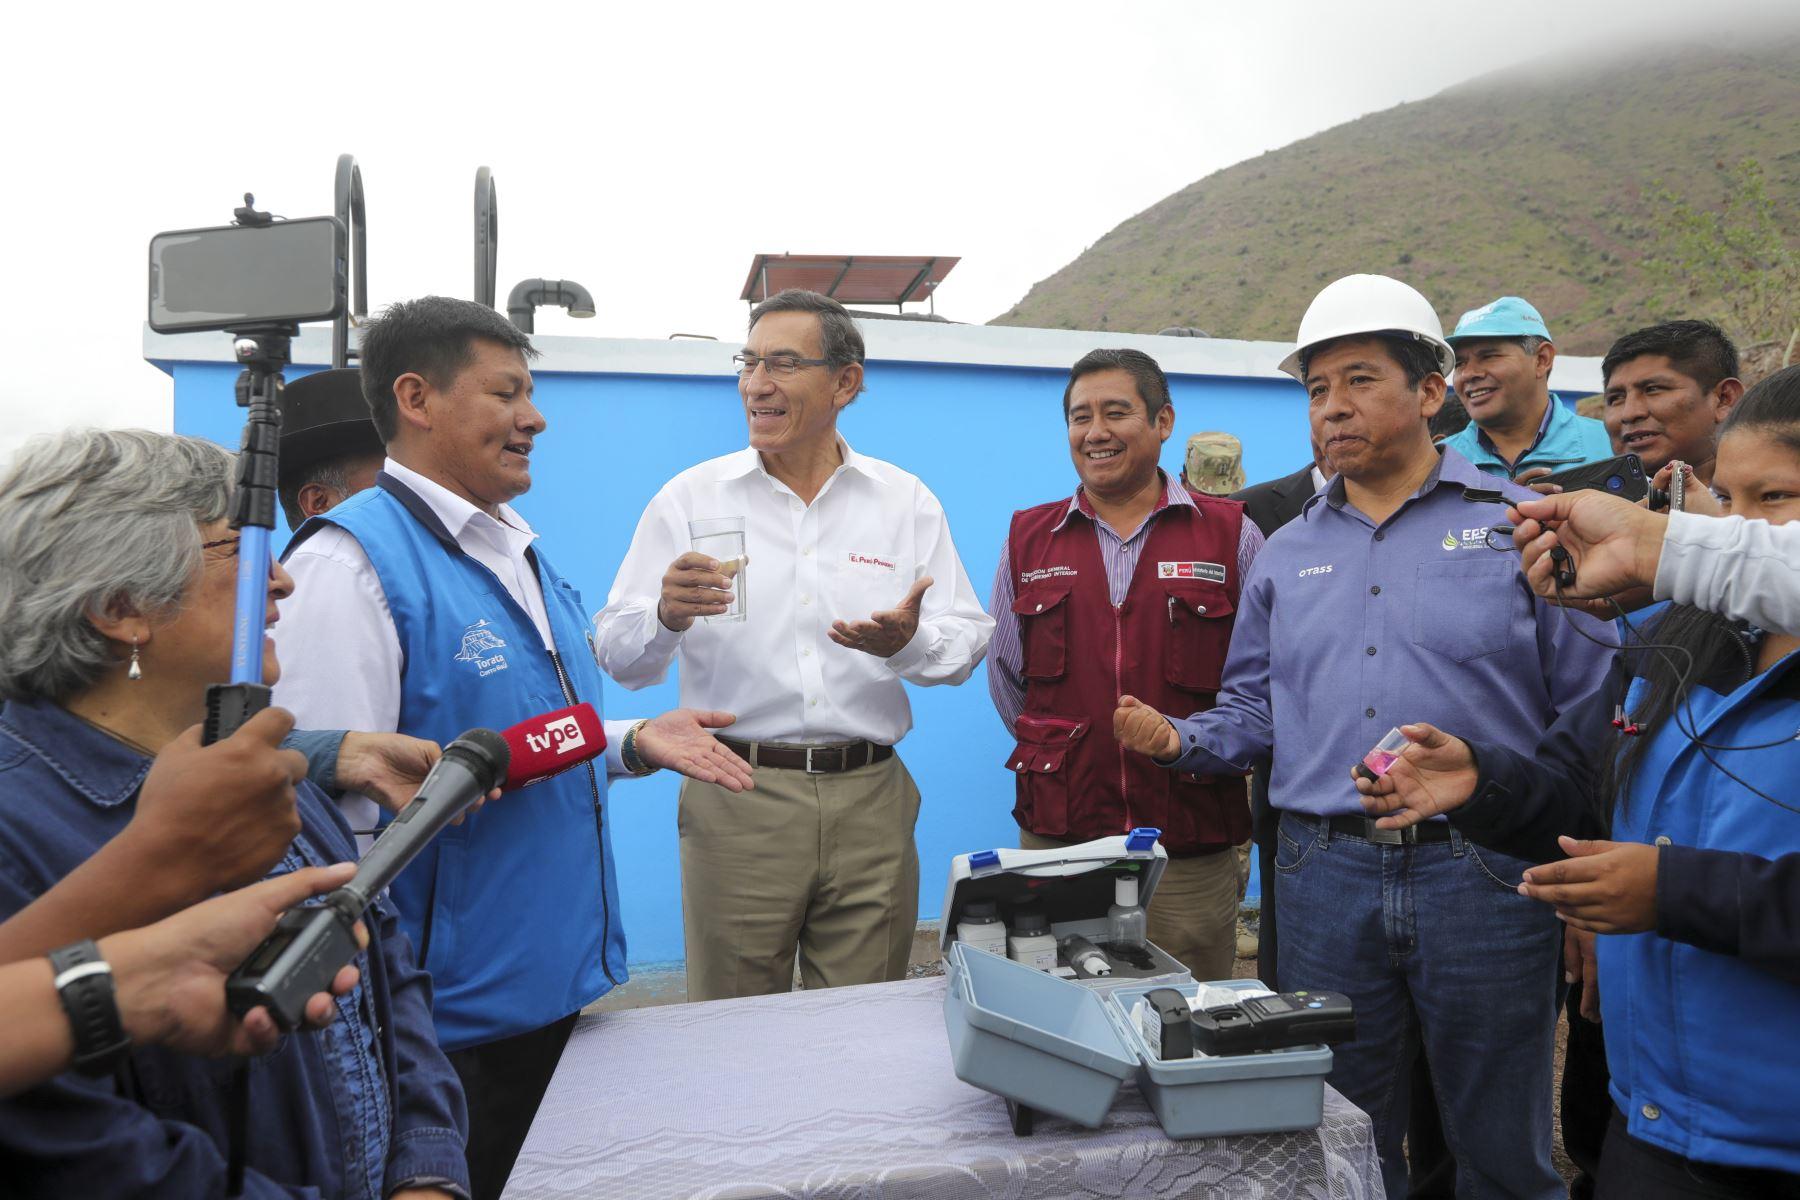 Jefe de Estado Supervisa el funcionamiento de la planta de tratamiento de agua potable portátil de Yacango. Foto: ANDINA/Prensa Presidencia